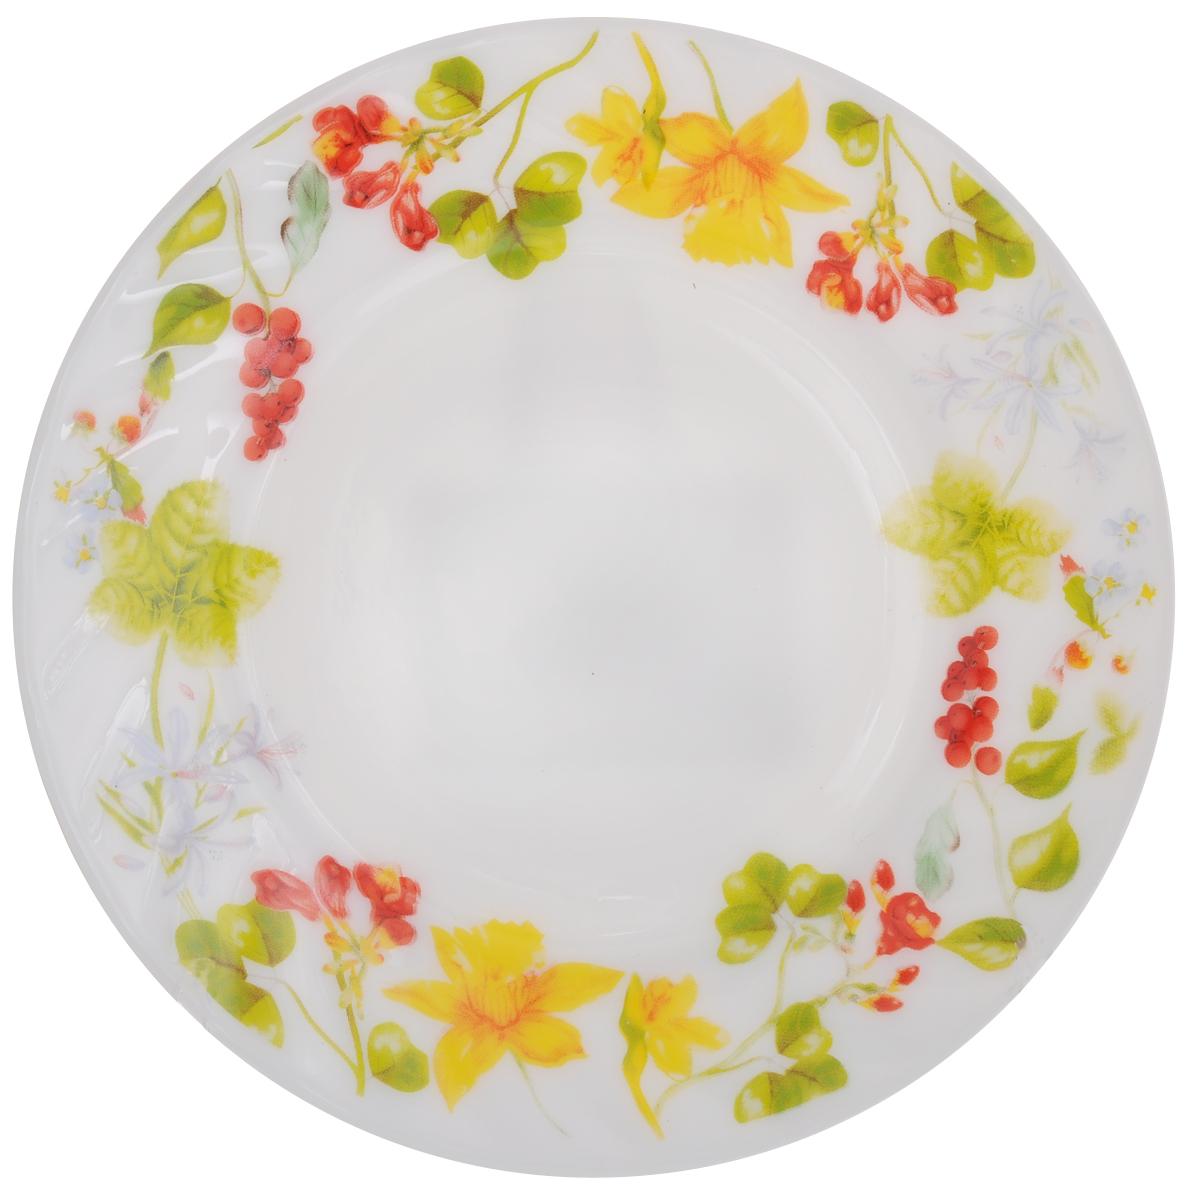 Тарелка десертная Chinbull Оттавиа, диаметр 18 смHP-70/6728Десертная тарелка Chinbull Оттавиа изготовлена из экологически чистой стеклокерамики. Изделие оформлено красочным рисунком и имеет изысканный внешний вид. Такая тарелка прекрасно подходит как для торжественных случаев, так и для повседневного использования. Идеальна для подачи десертов, пирожных, тортов и многого другого. Она прекрасно оформит стол и станет отличным дополнением к вашей коллекции кухонной посуды. Можно использовать в посудомоечной машине и СВЧ. Диаметр (по верхнему краю): 18 см. Высота стенки: 1,7 см.